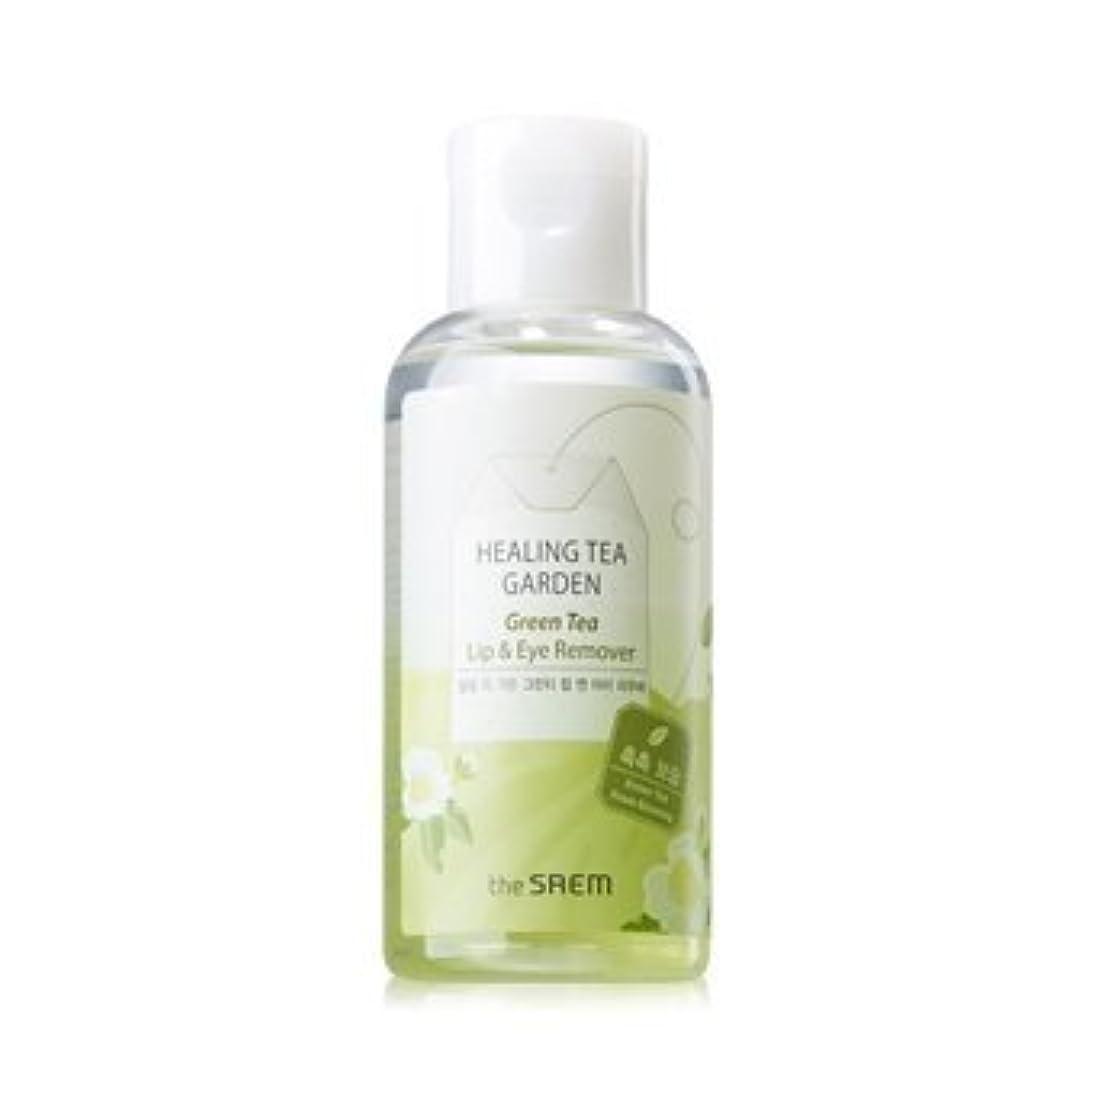 カフェ名詞磁石The Saem Healing Tea Garden Green Tea Lip & Eye Remover 150ml ザセム ヒーリングティーガーデングリーンティーリップ&アイリムーバー 150mL[海外直送品]...